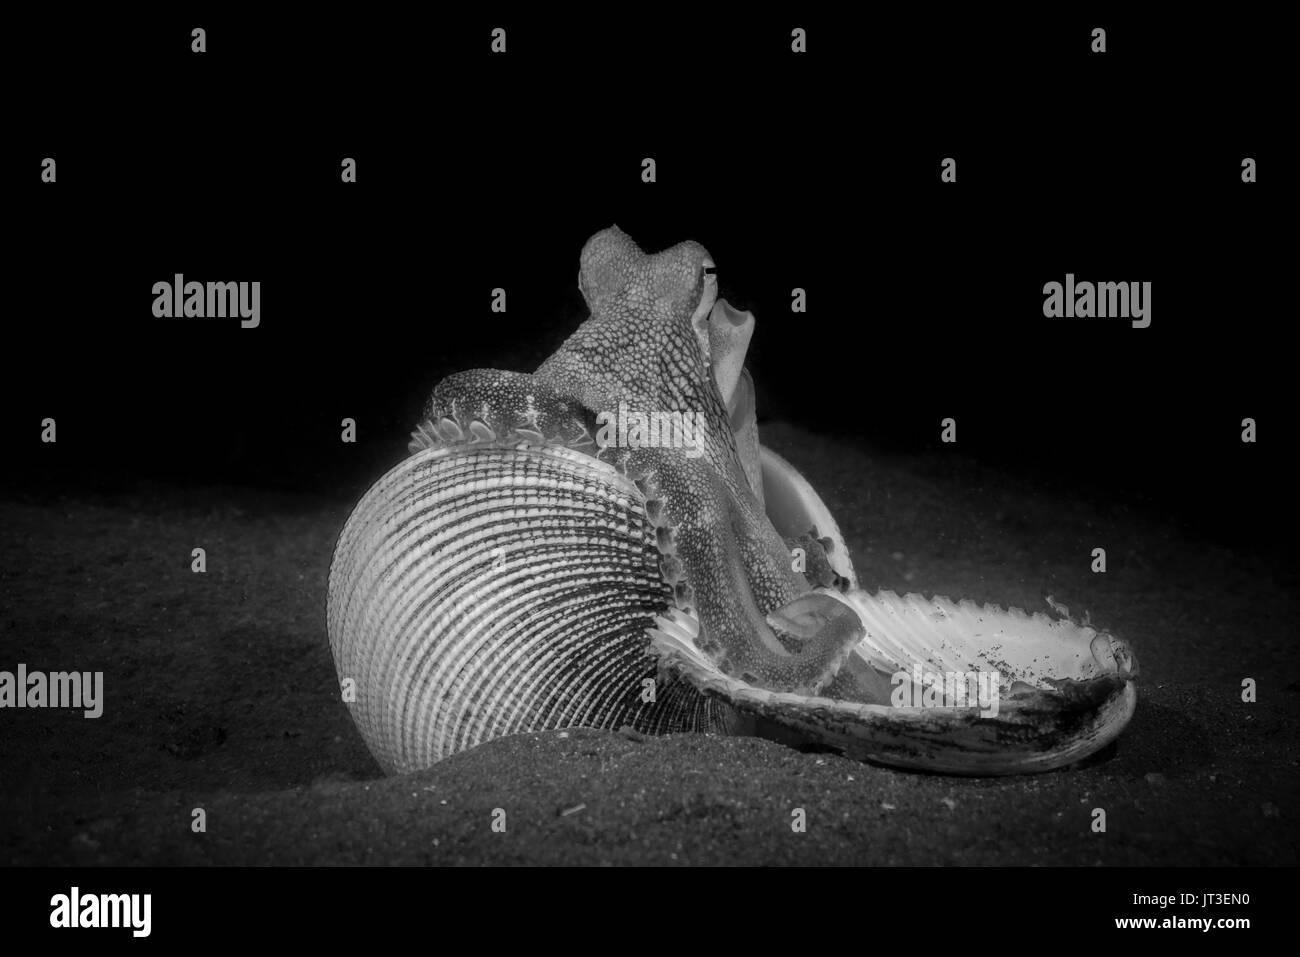 Coconut Octopus (Amphioctopus marginatus) in the Lembeh Strait - Stock Image